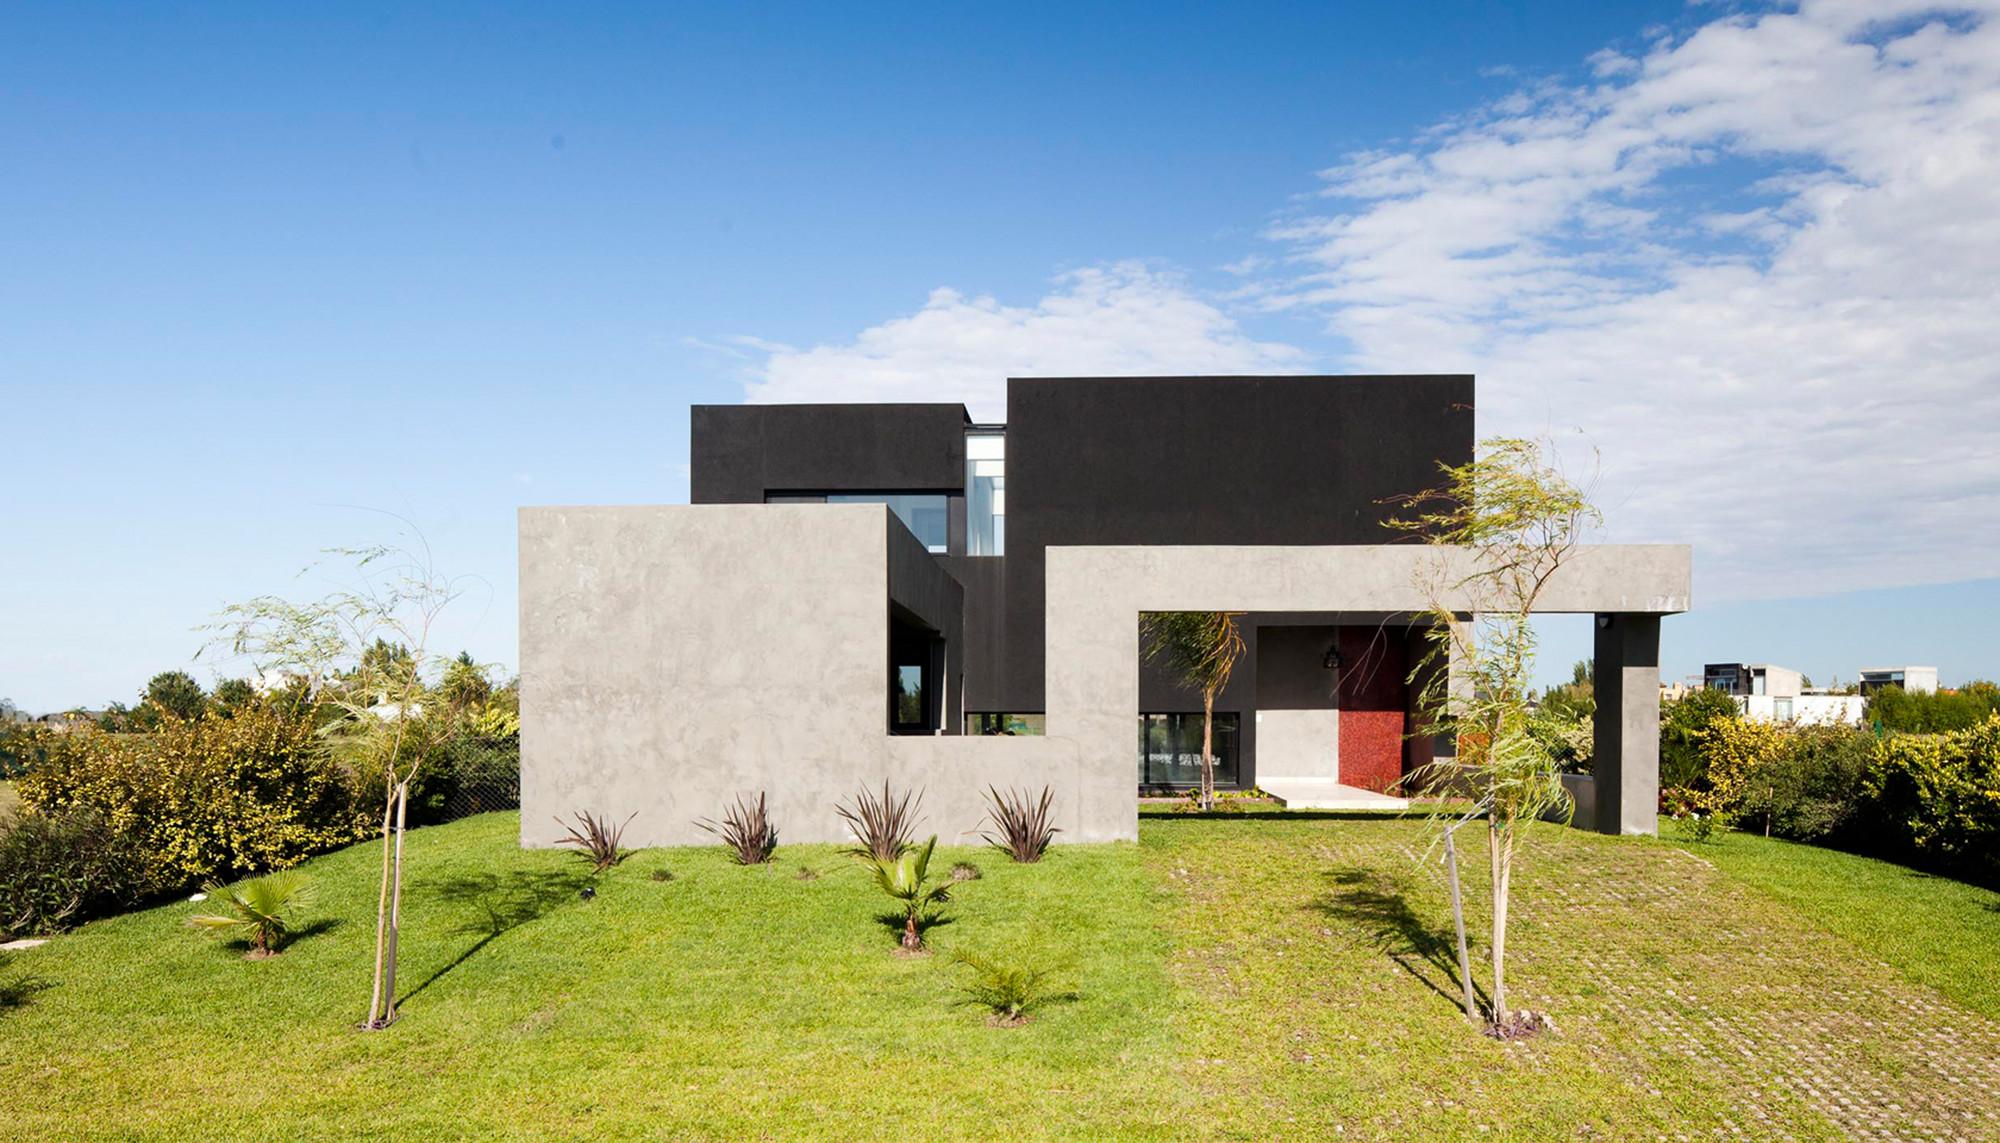 JG House / Speziale Linares Arquitectos, Courtesy of Speziale Linares Arquitectos